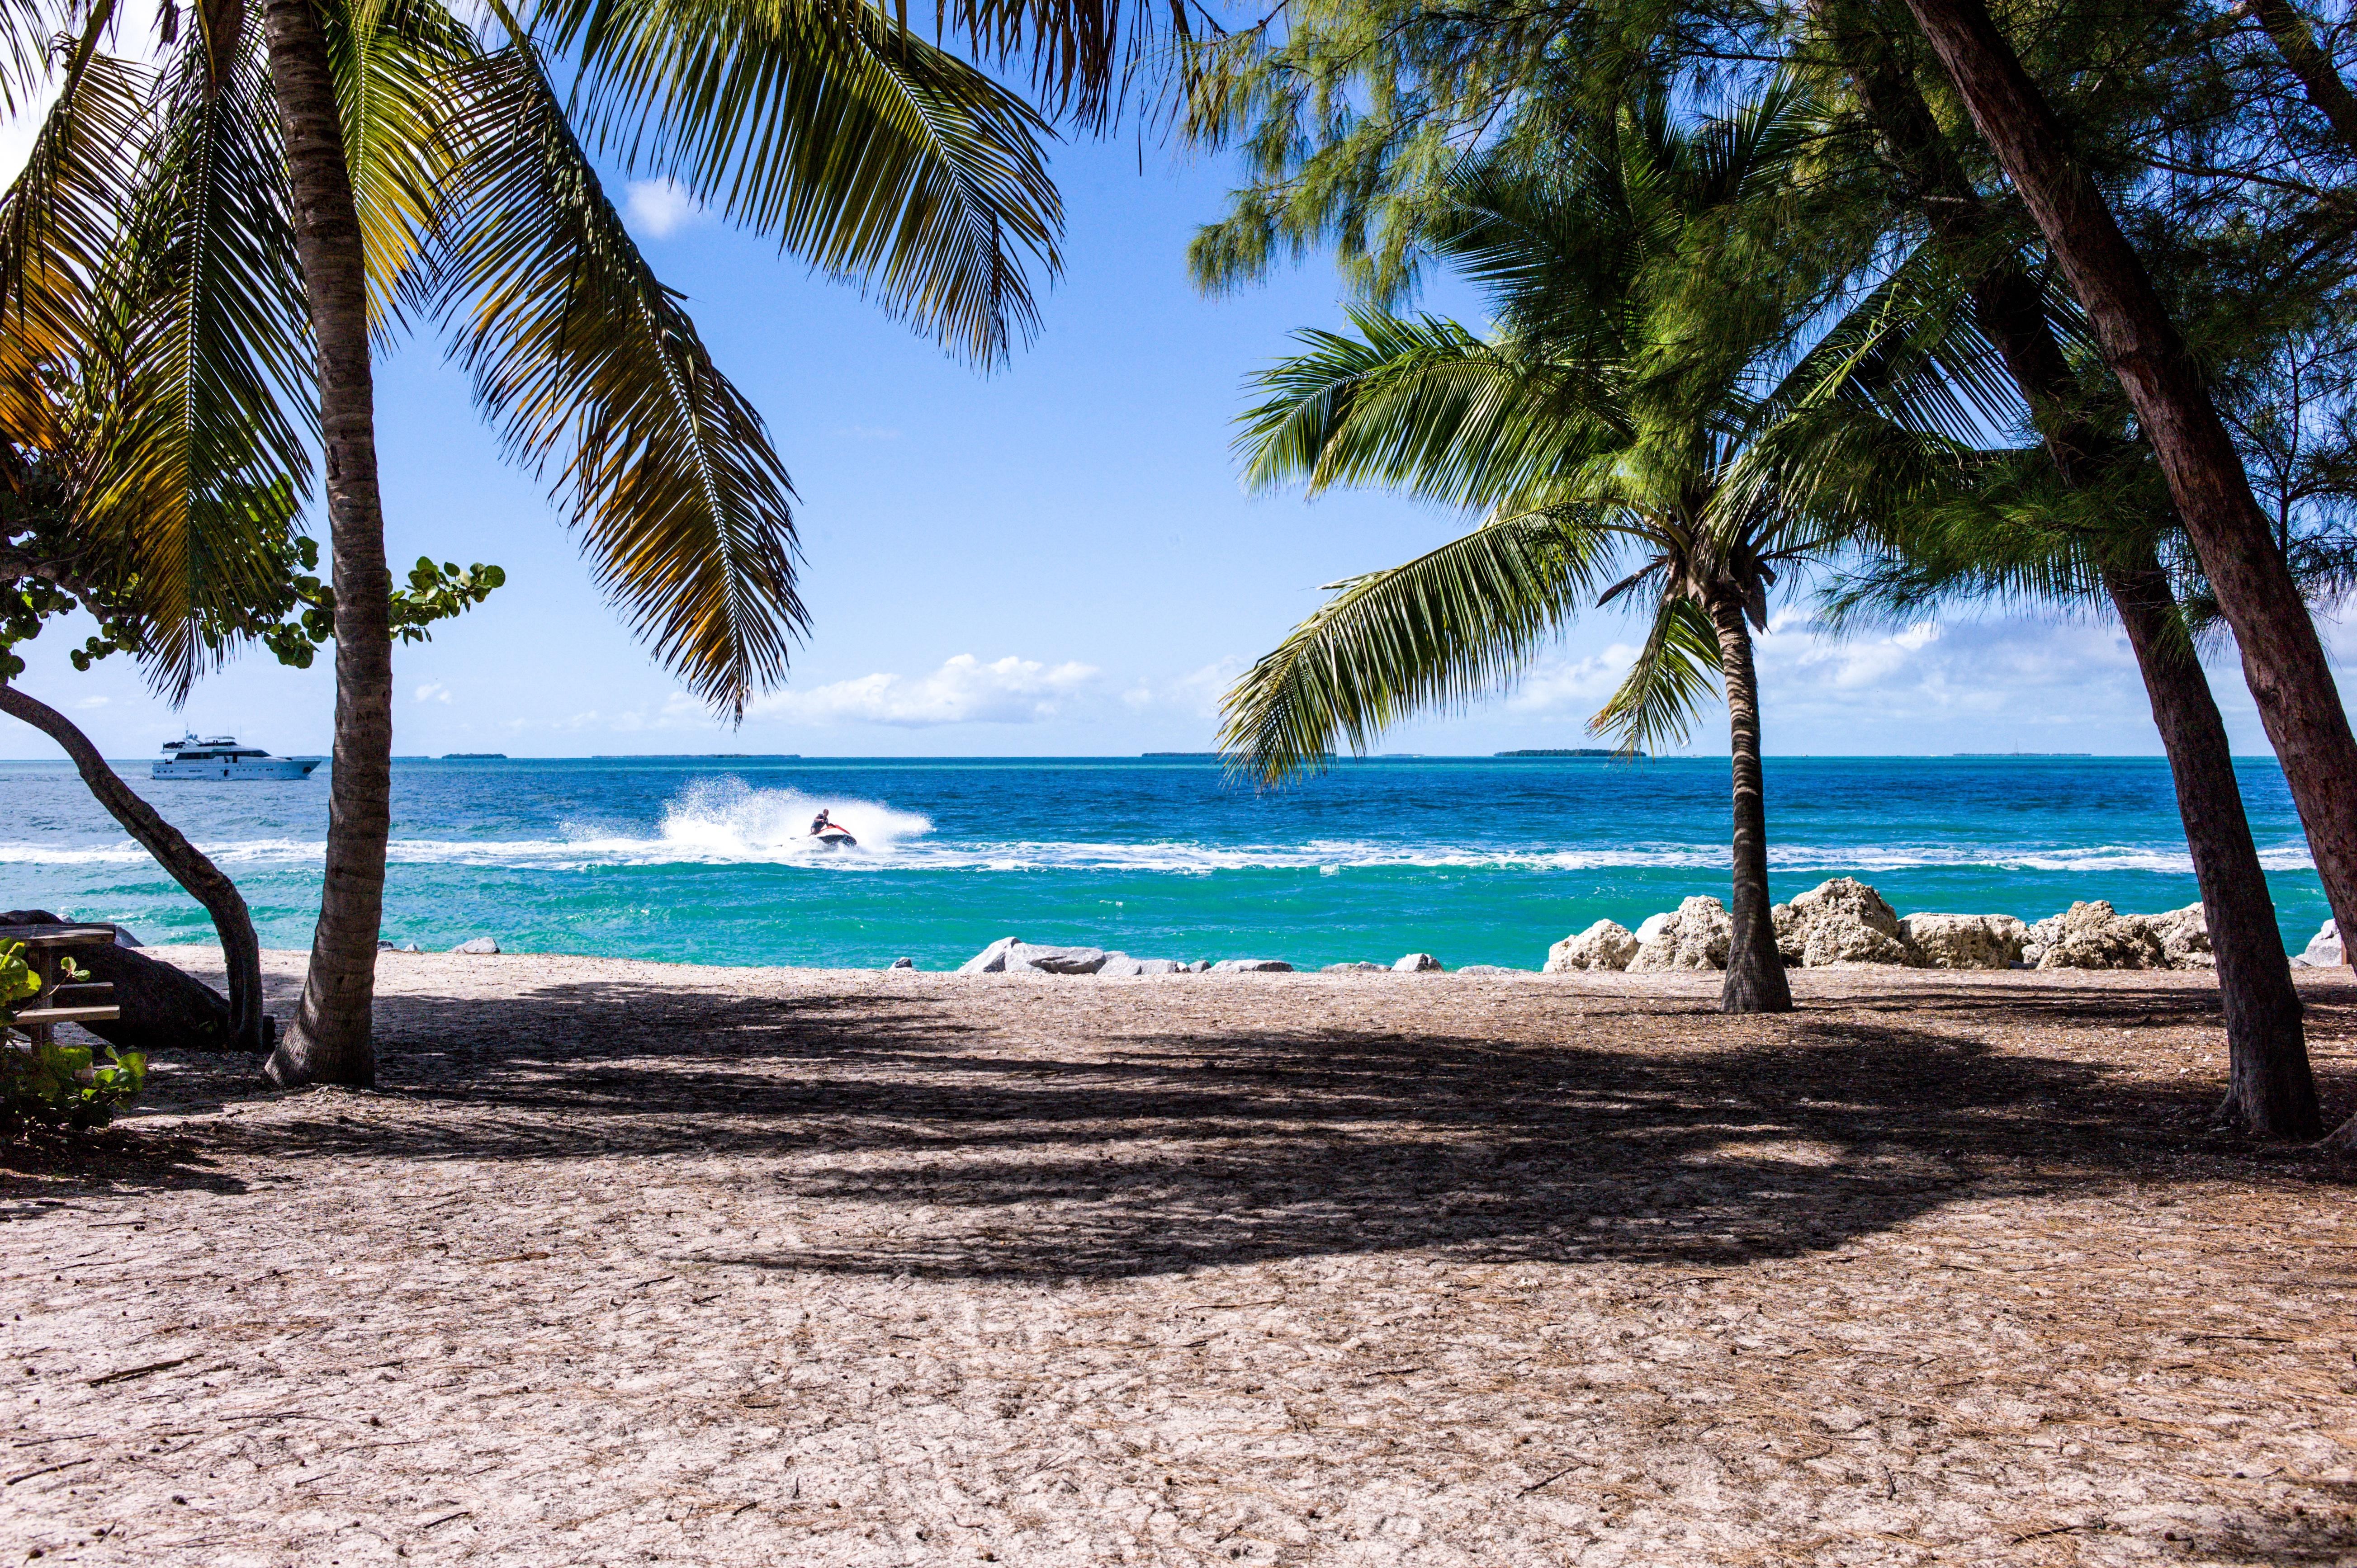 индианка фотографии с пляжами при